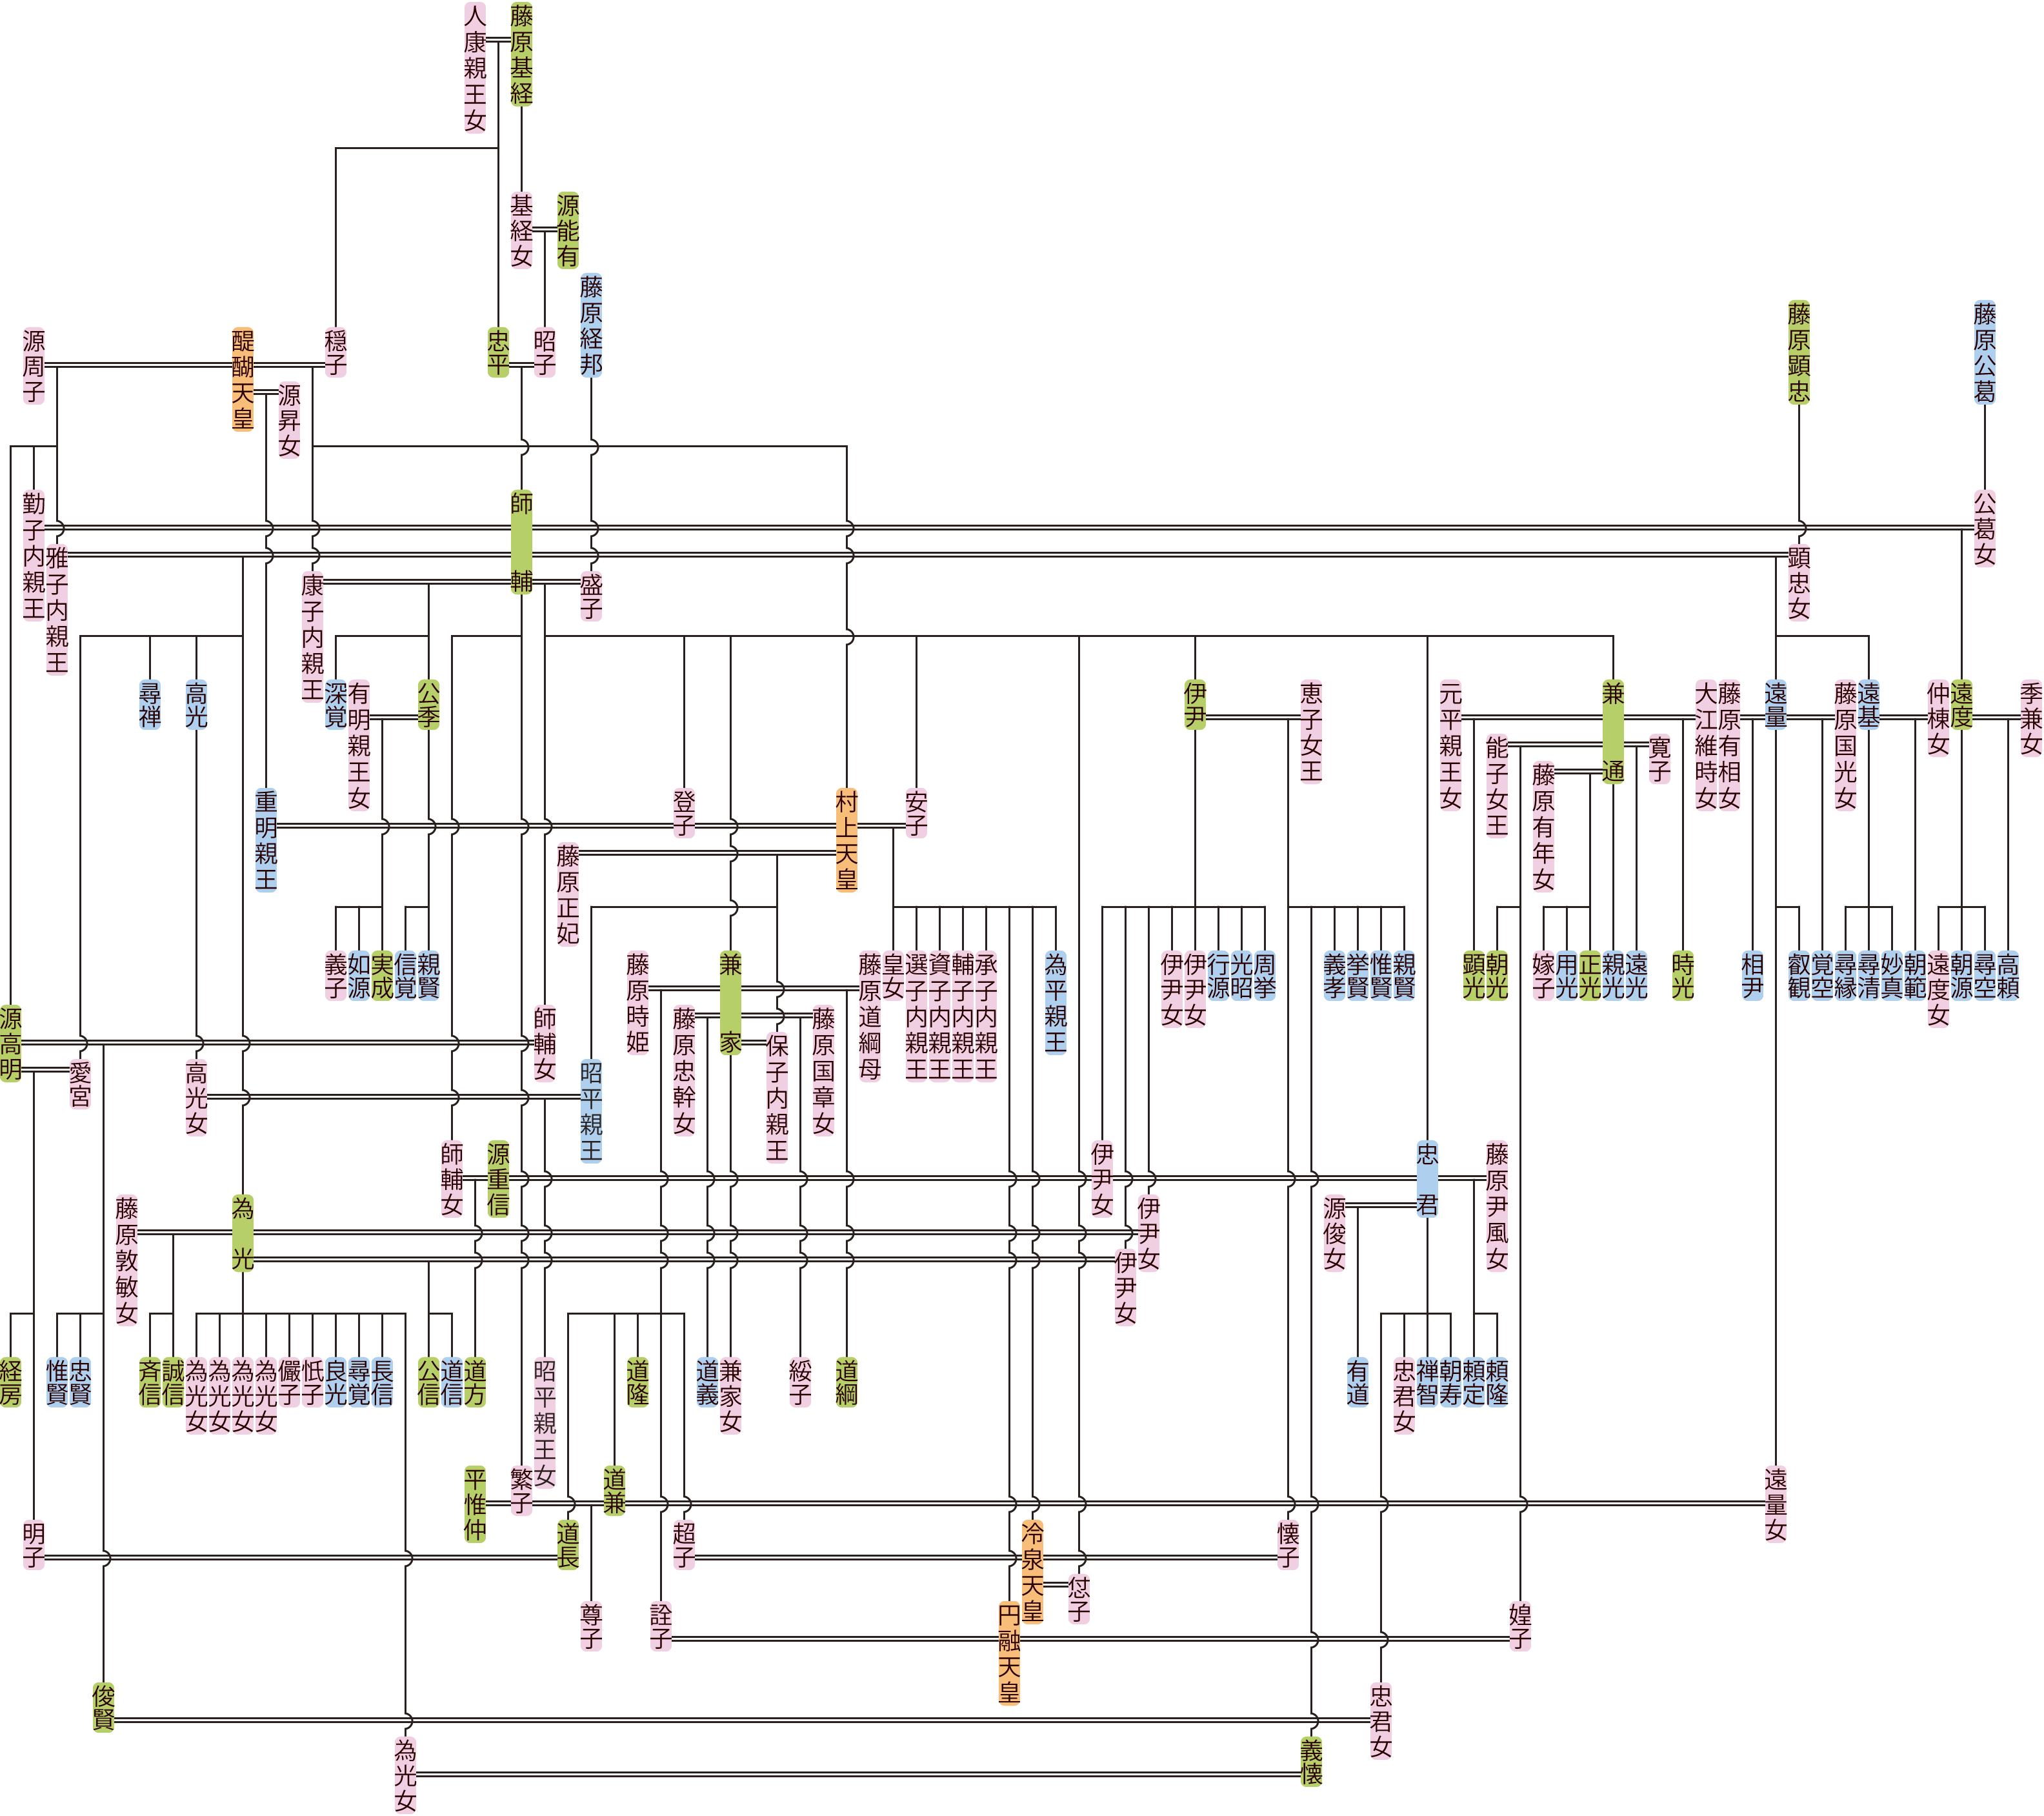 藤原師輔の系図